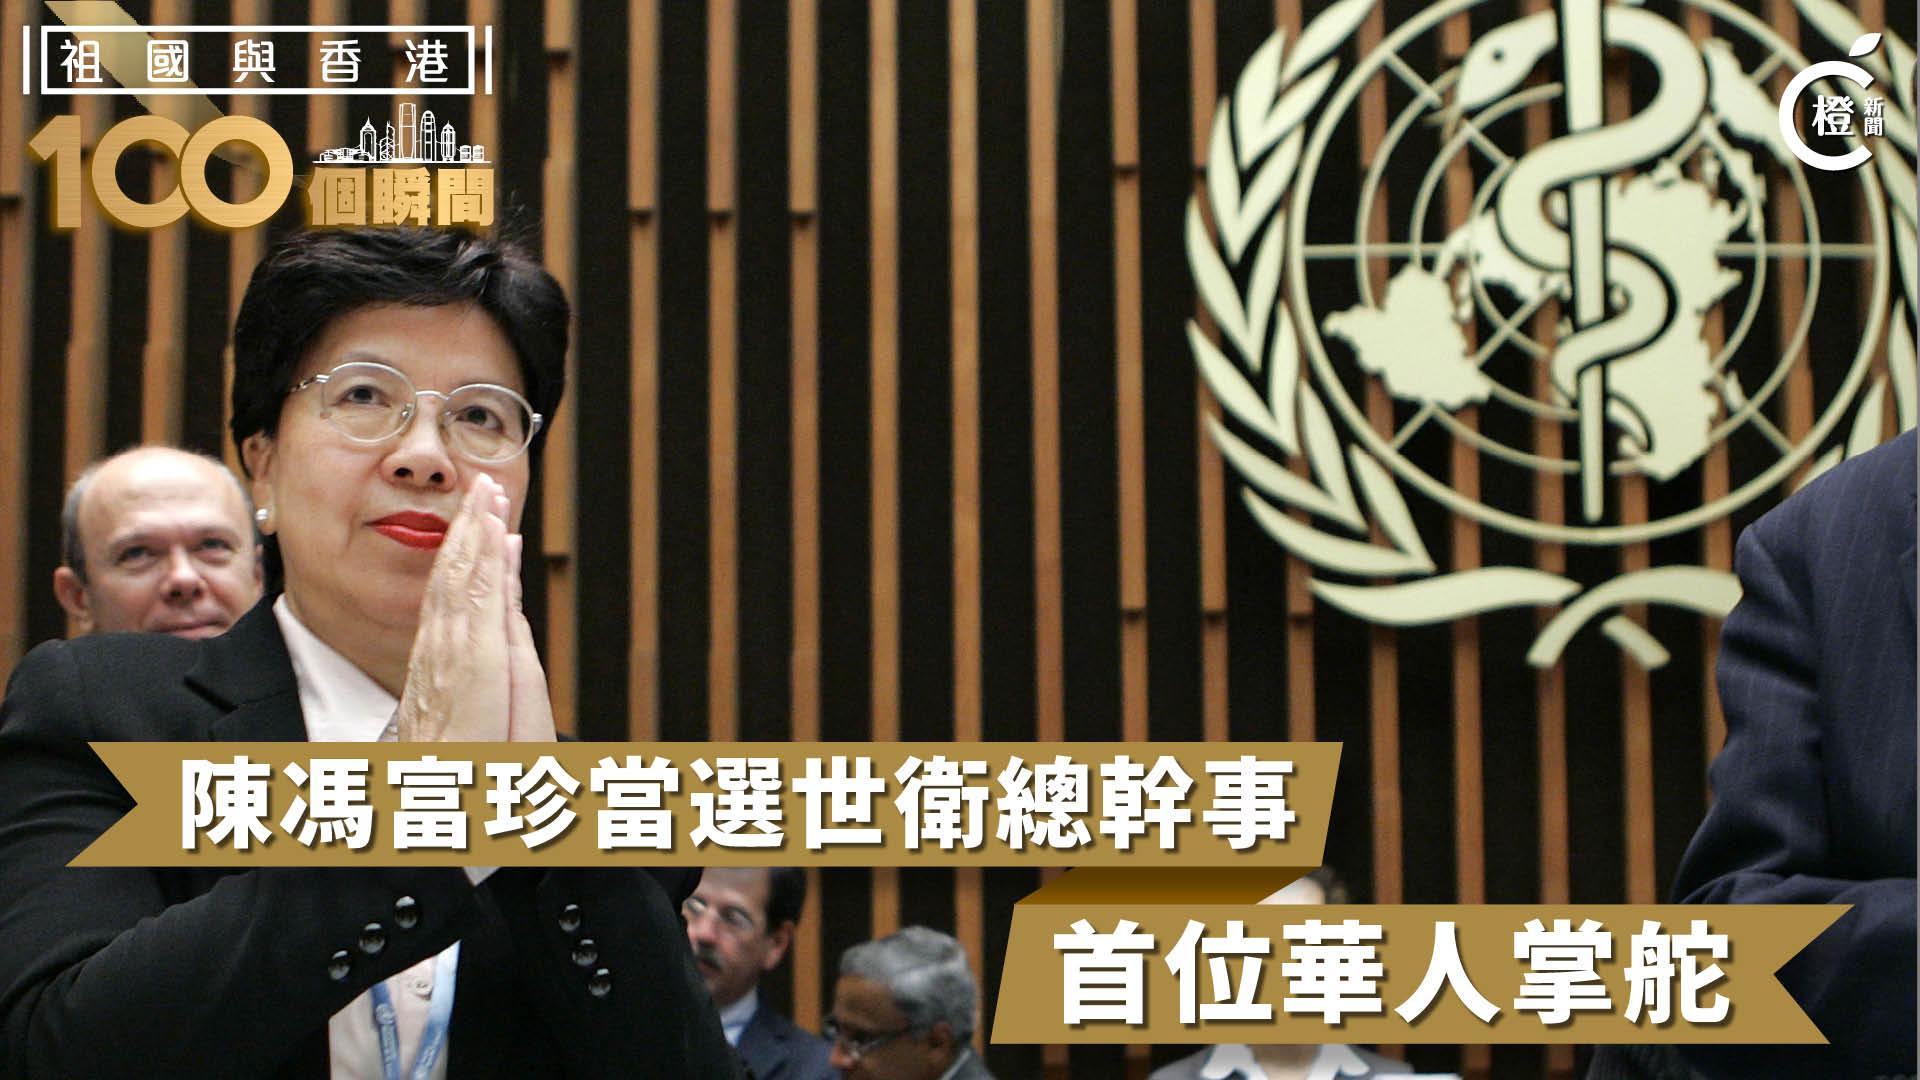 【祖國與香港100個瞬間】陳馮富珍獲中央推薦 成首位華人出任世衛總幹事